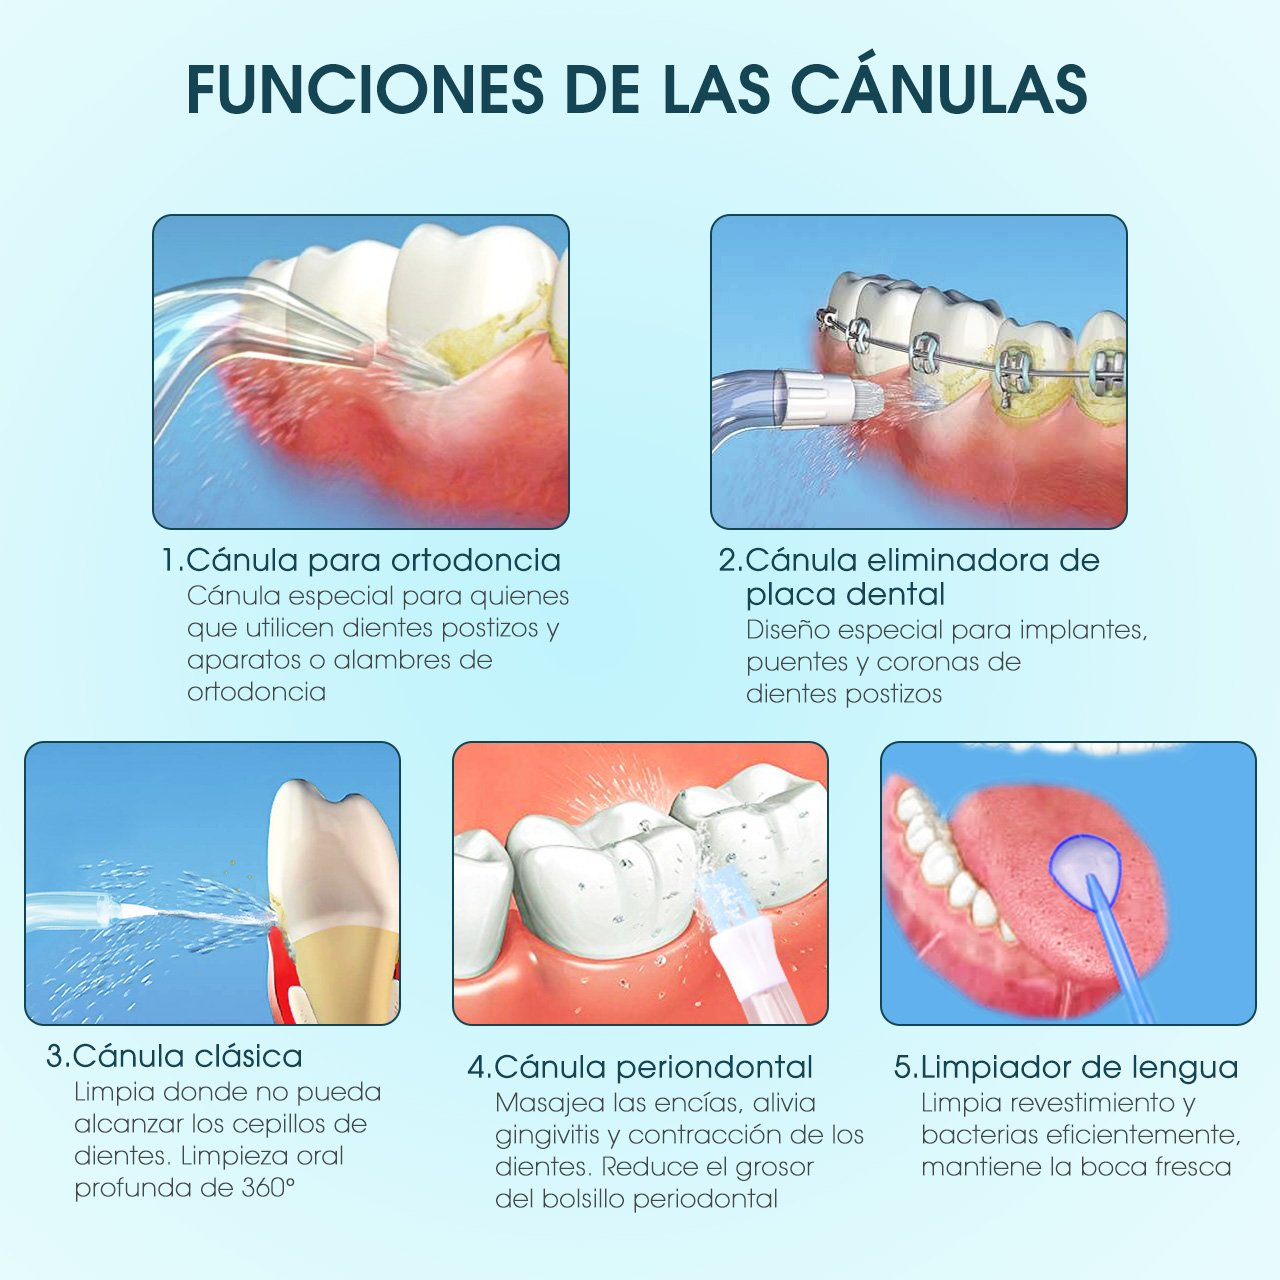 ... Hidropropulsor en 10 niveles de regulación de potencia, 30 - 125 PSI ajustable, Jet Bucodental para los cuidados dentaires y el limpieza de los dientes ...